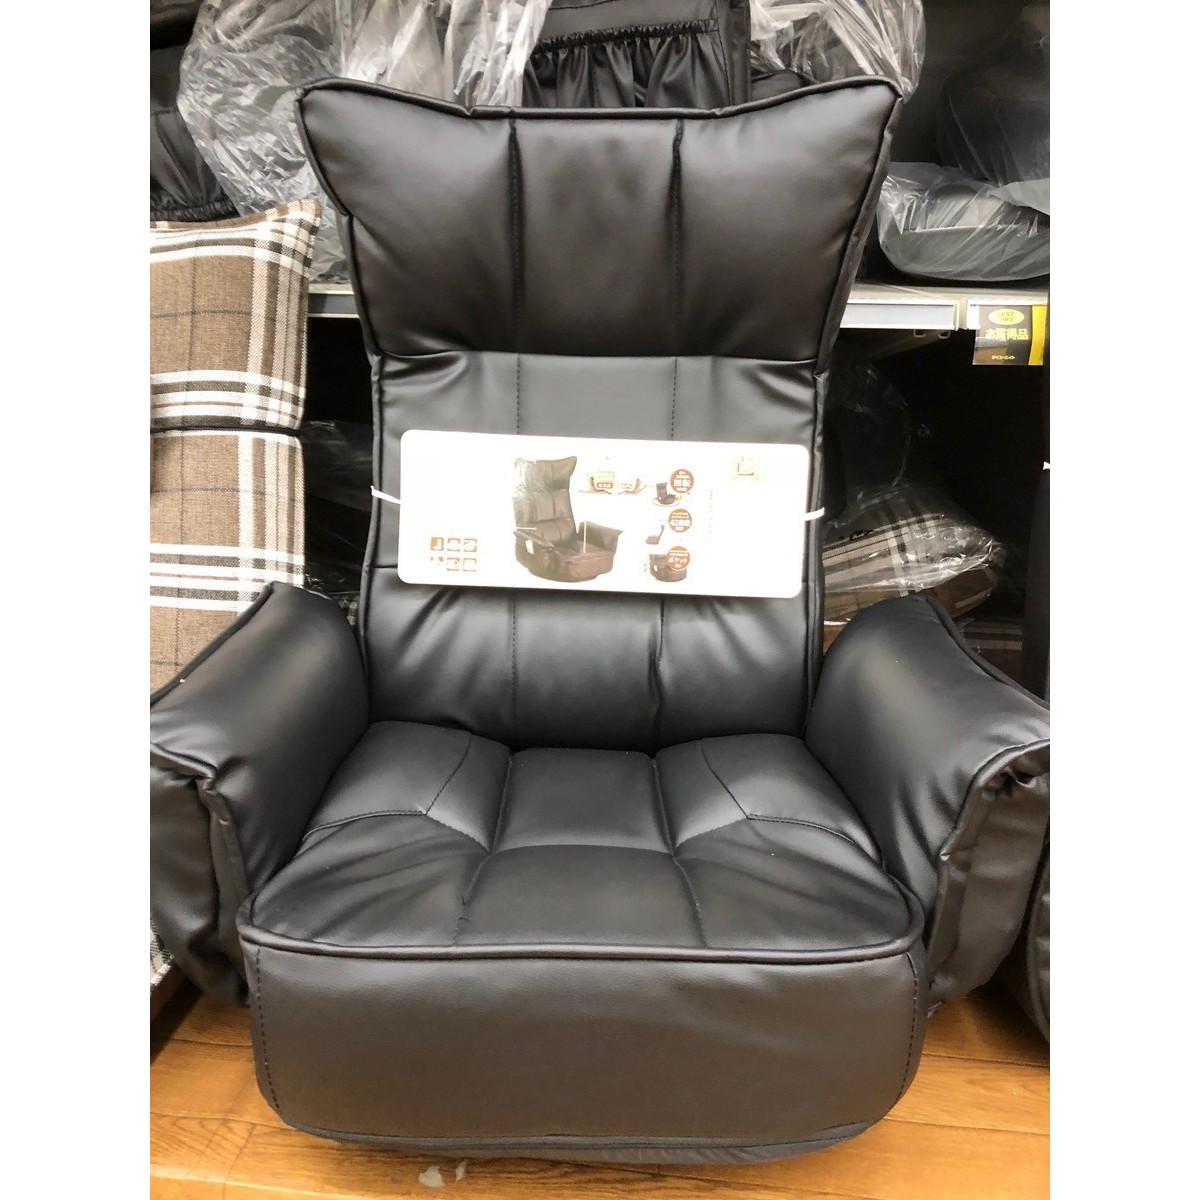 座椅子 回転座椅子 楽々リクライニング 肘付回転座椅子 ブラック【クーポン配布中】